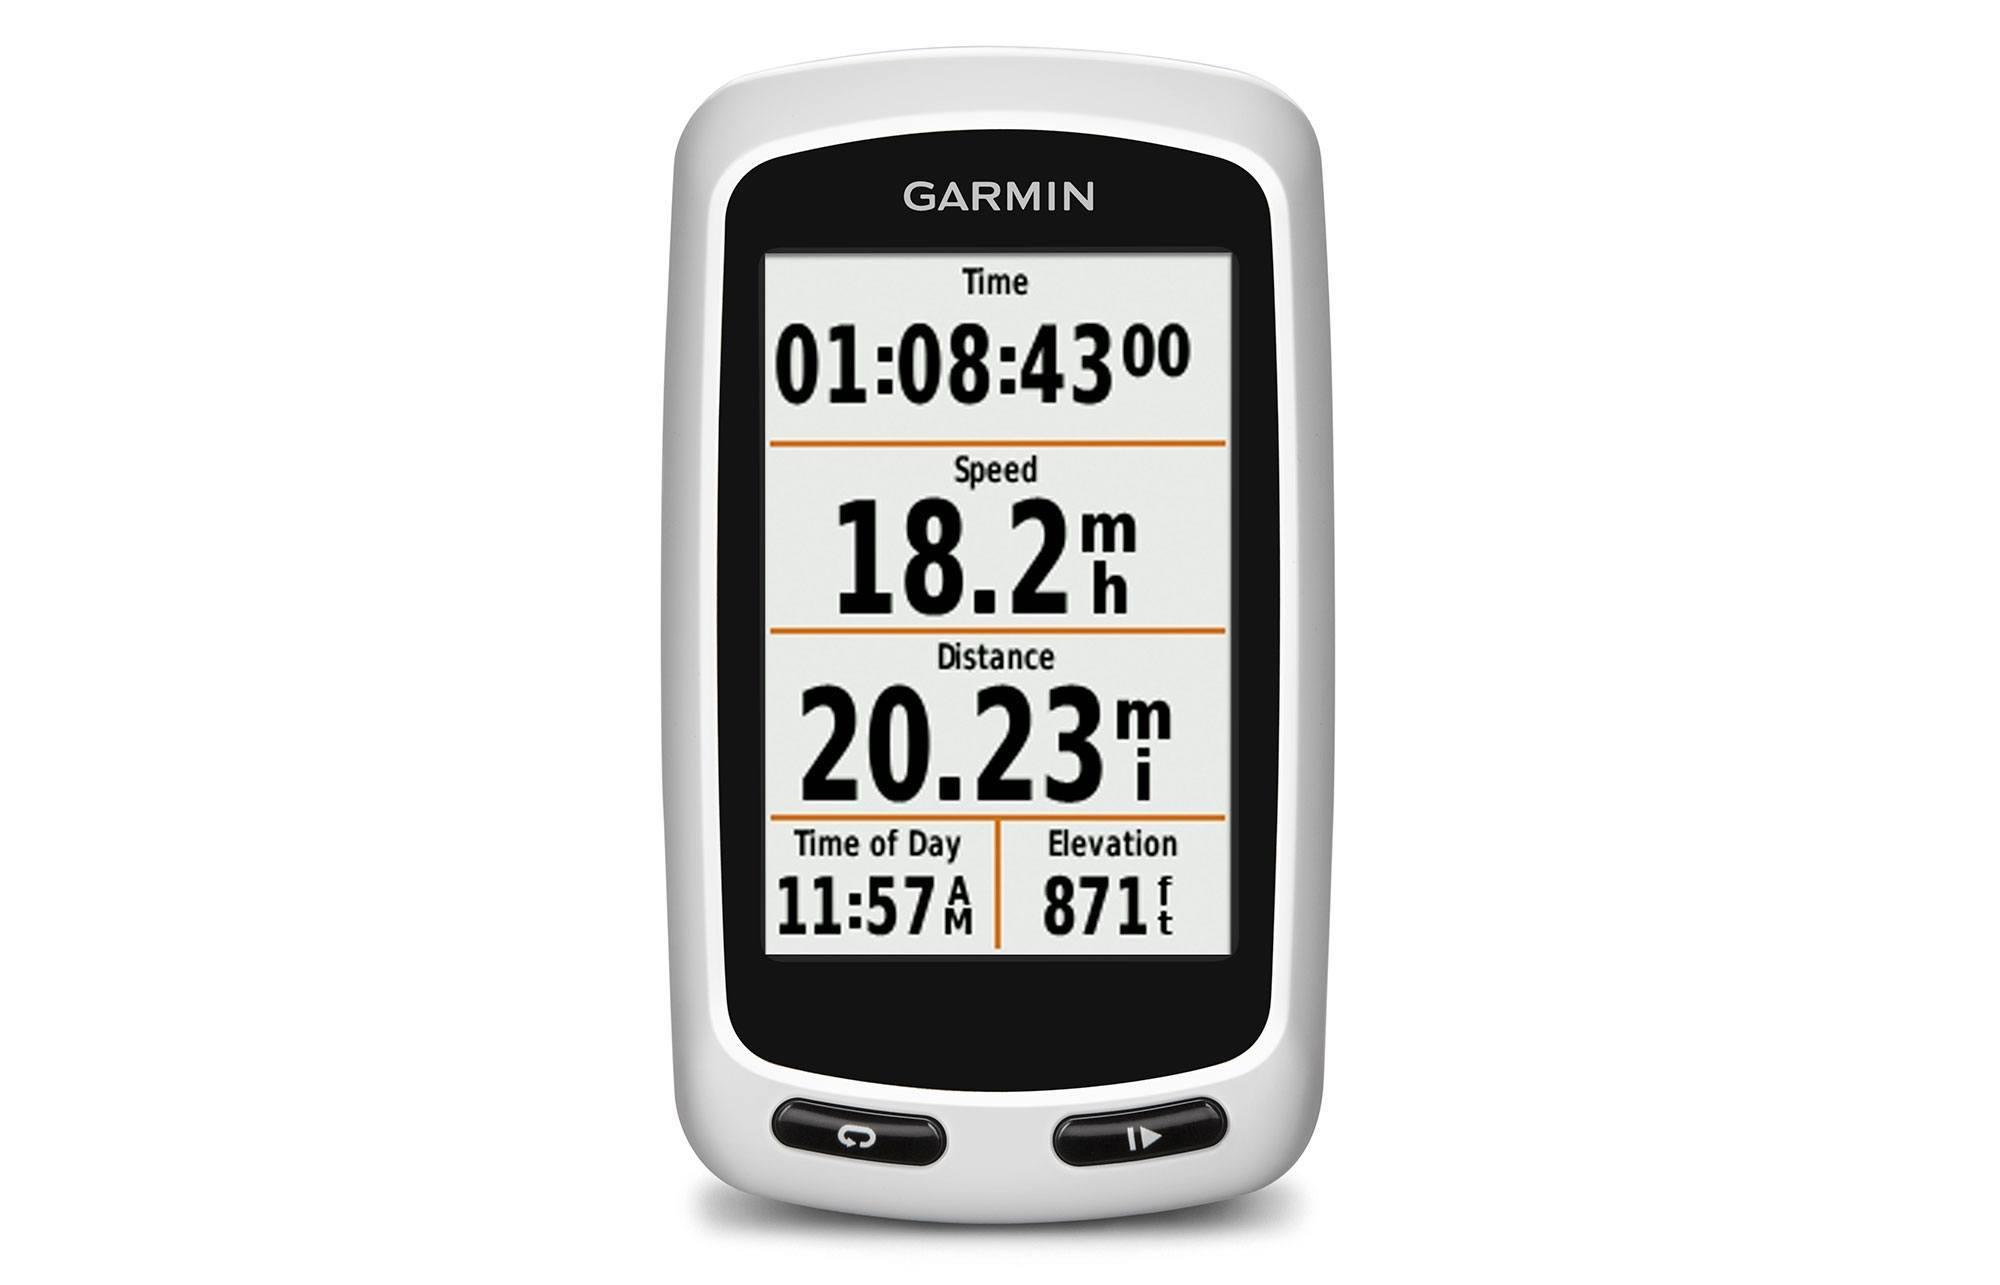 Garmin Cycle Computer >> Garmin Edge Touring Cycling Computer